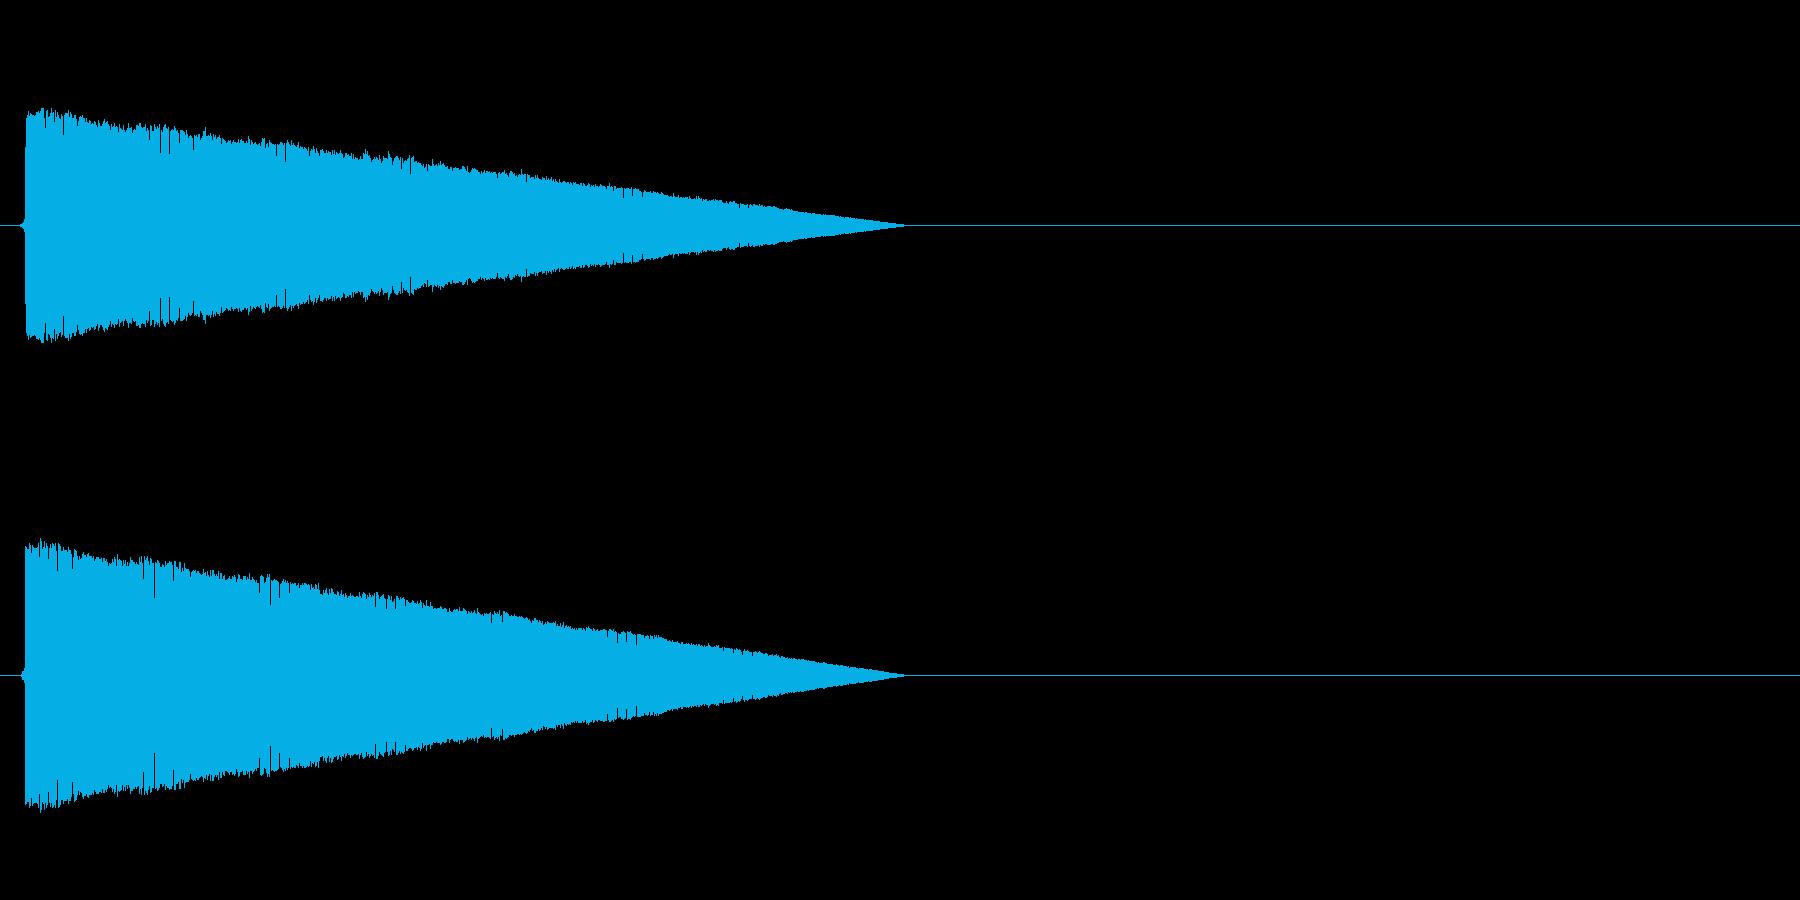 ポワワワワワ(転送、レトロゲーム、低い)の再生済みの波形